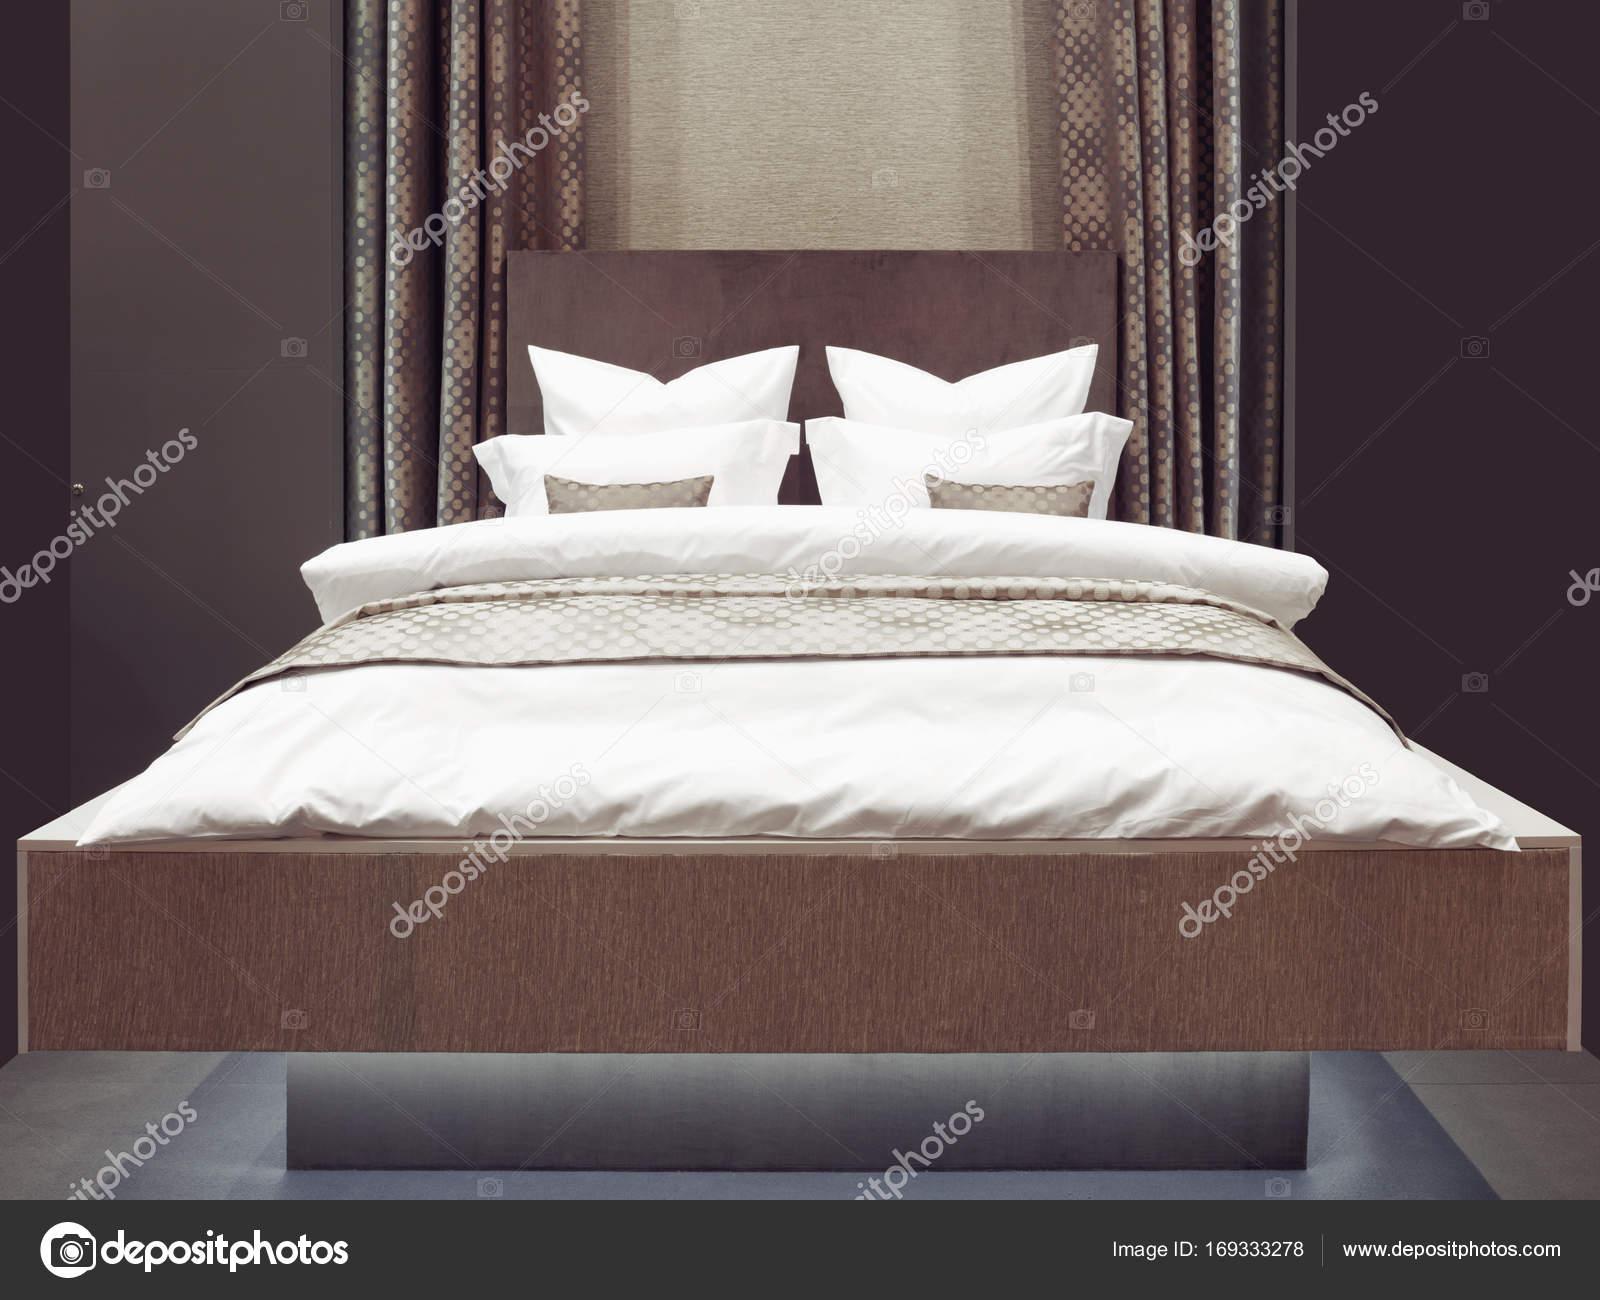 luxe moderne japanse stijl slaapkamer interieur van een hotel slaapkamer stockfoto